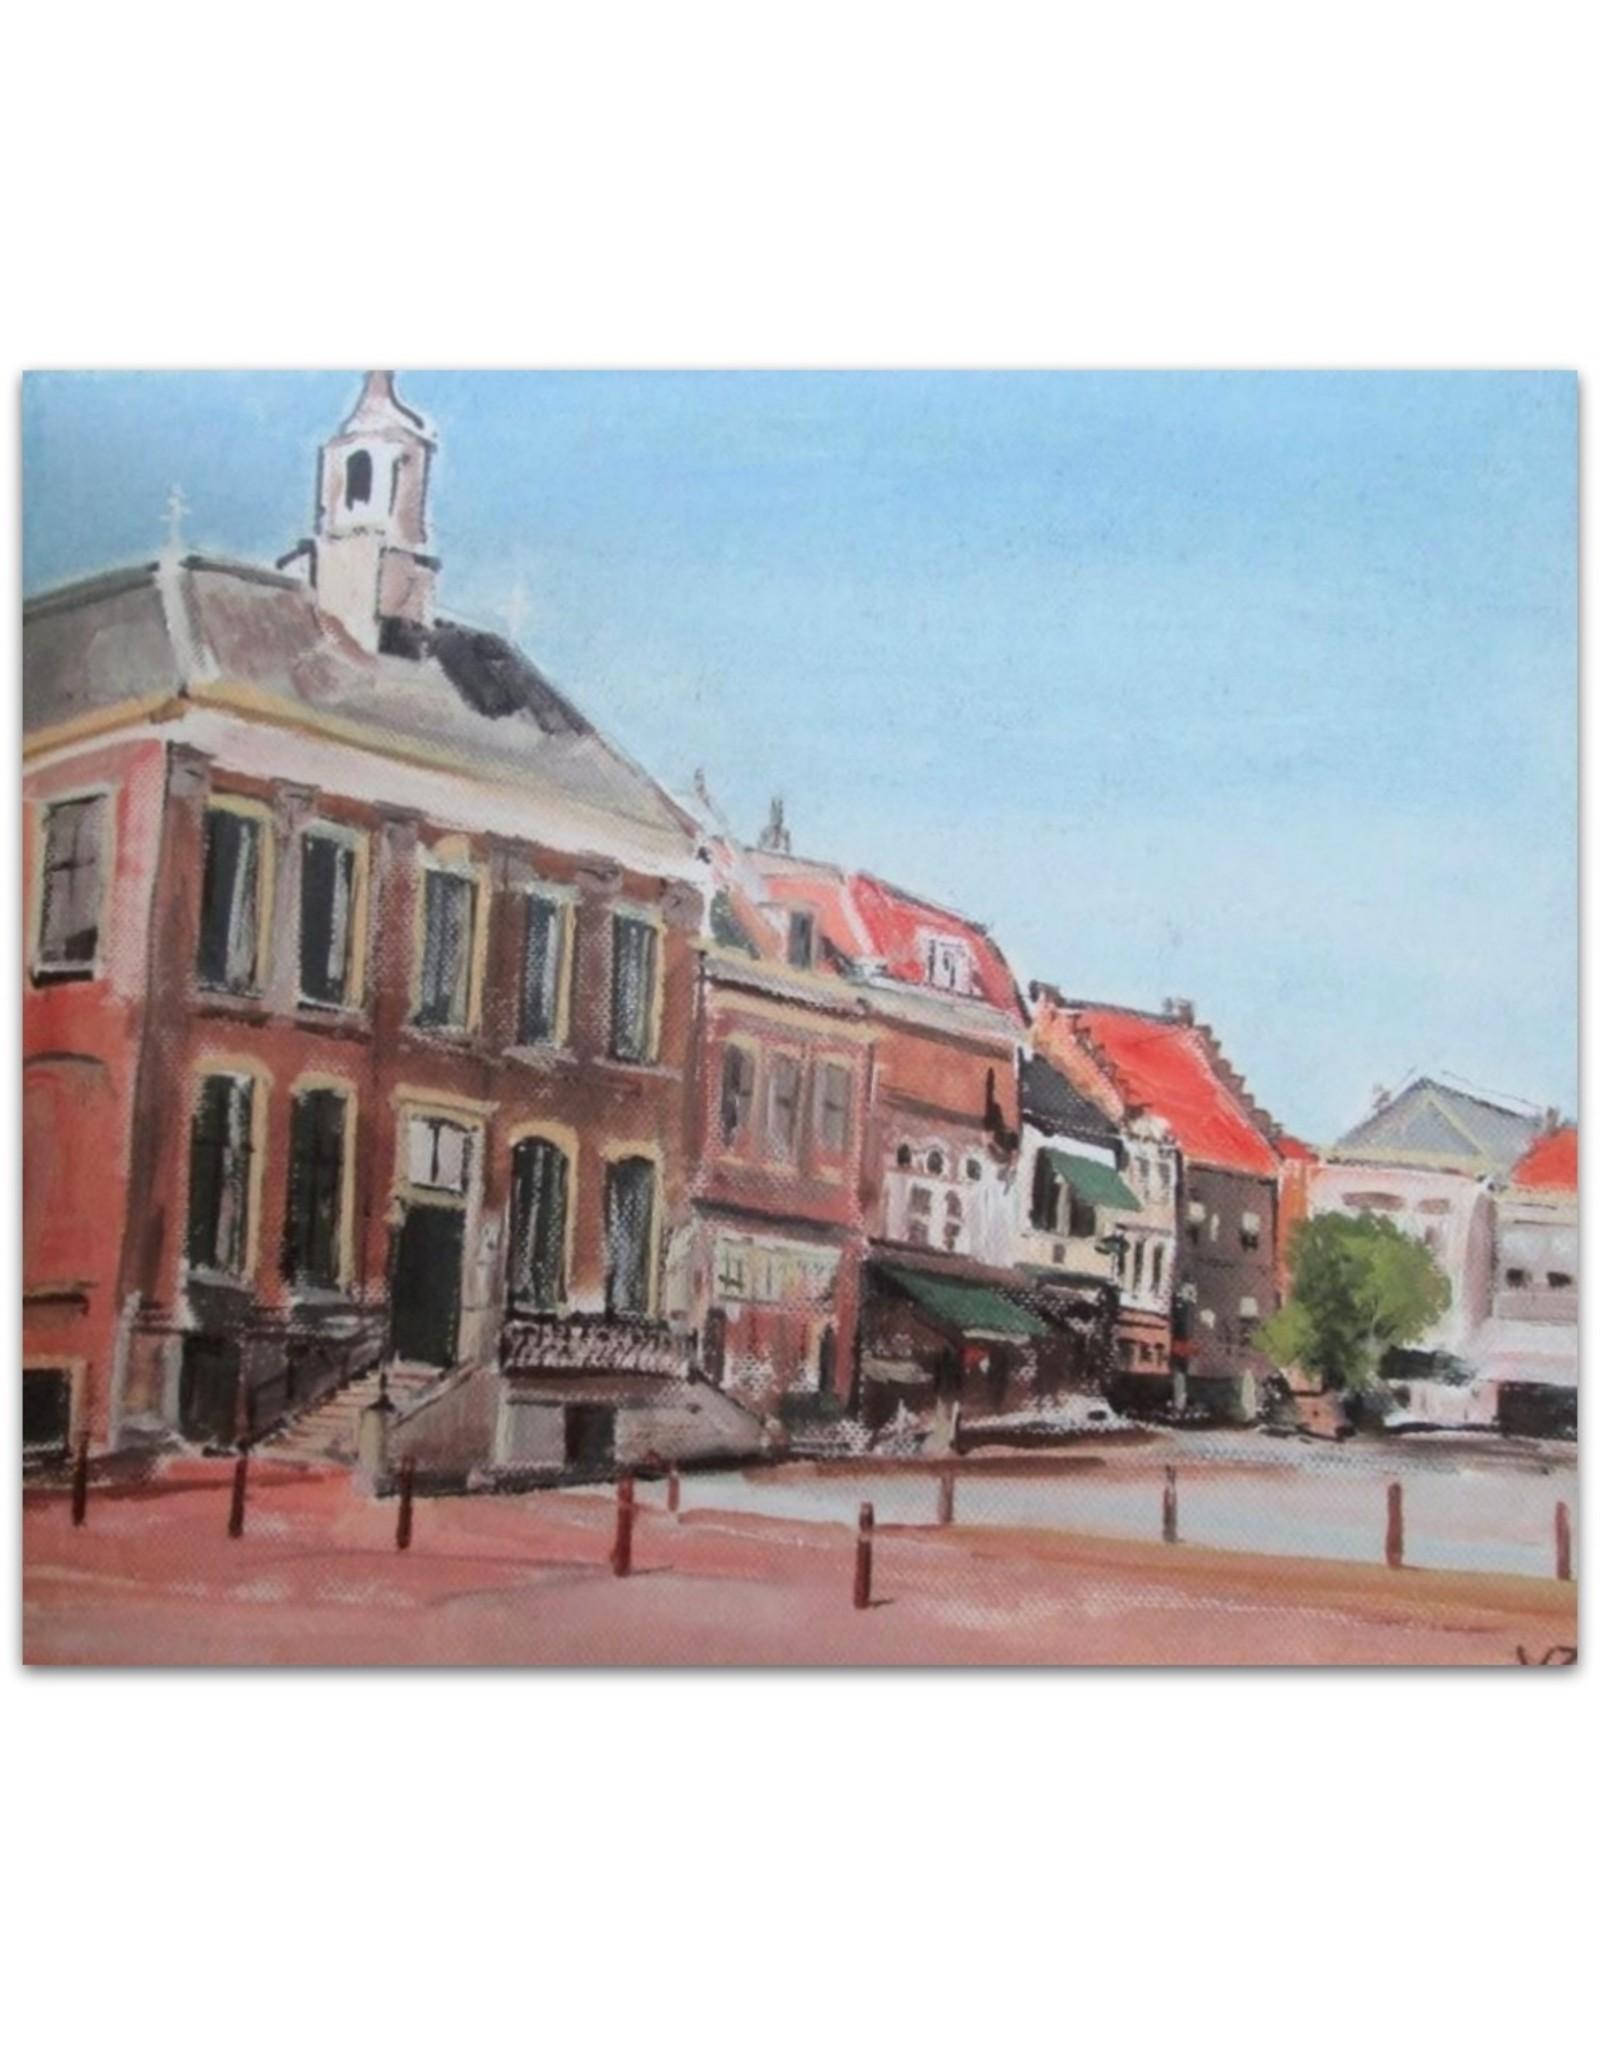 Theun van Zanden - Bommels Prentenboek - 13 prenten van de oude stad Zaltbommel [...]